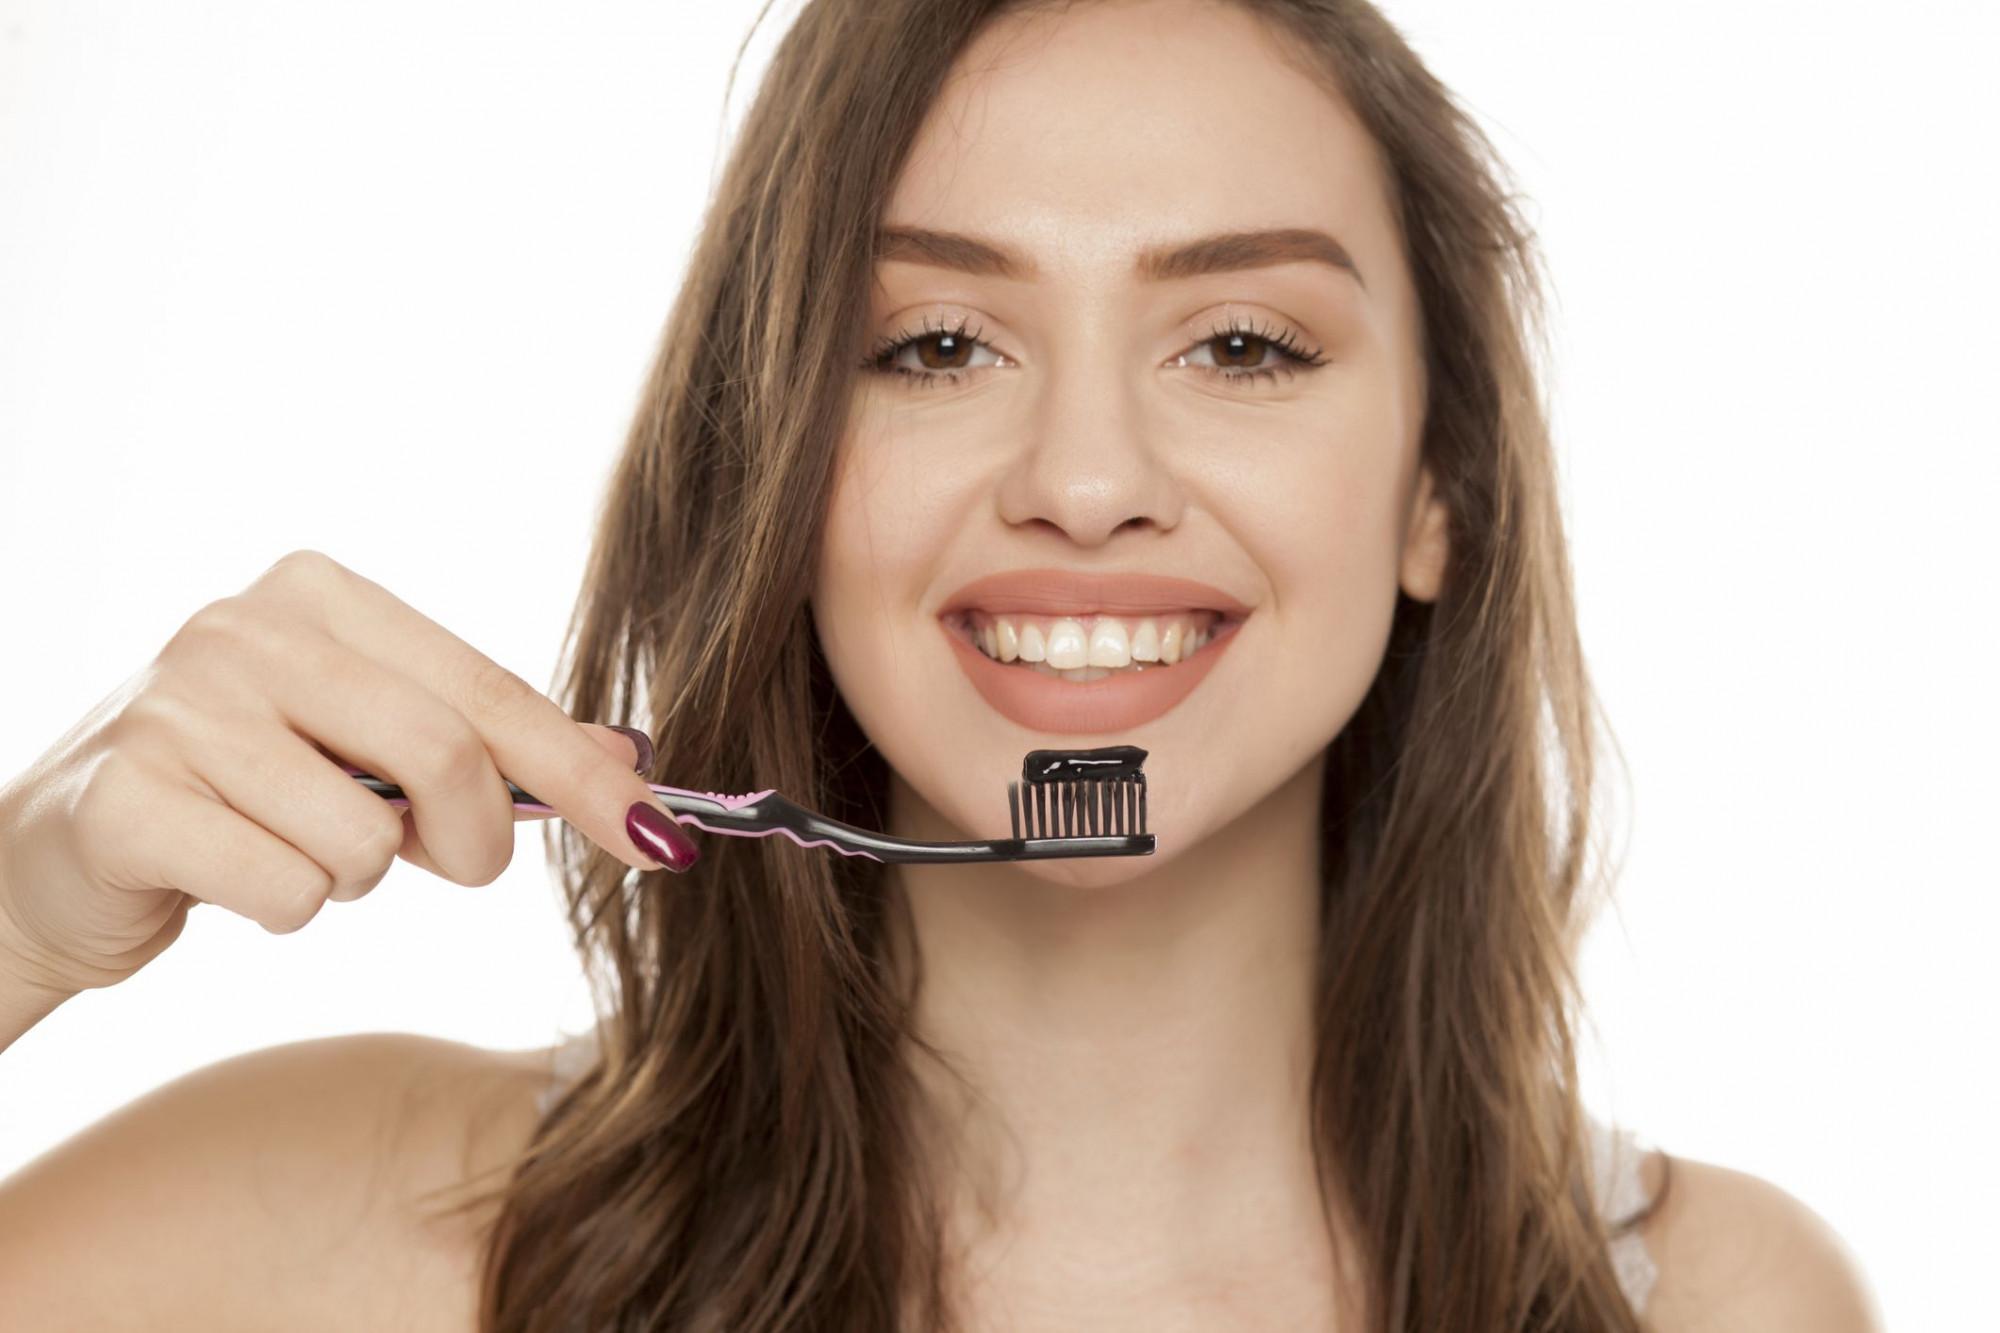 Trộn than hoạt tính với sữa chua, thoa lên răng, để yên trong 2 phút sau đó súc miệng thật sạch và đánh răng như thông thường. Nếu áp dụng thường xuyên, bạn sẽ có hàm răng trắng sáng sau khoảng 3 tuần.